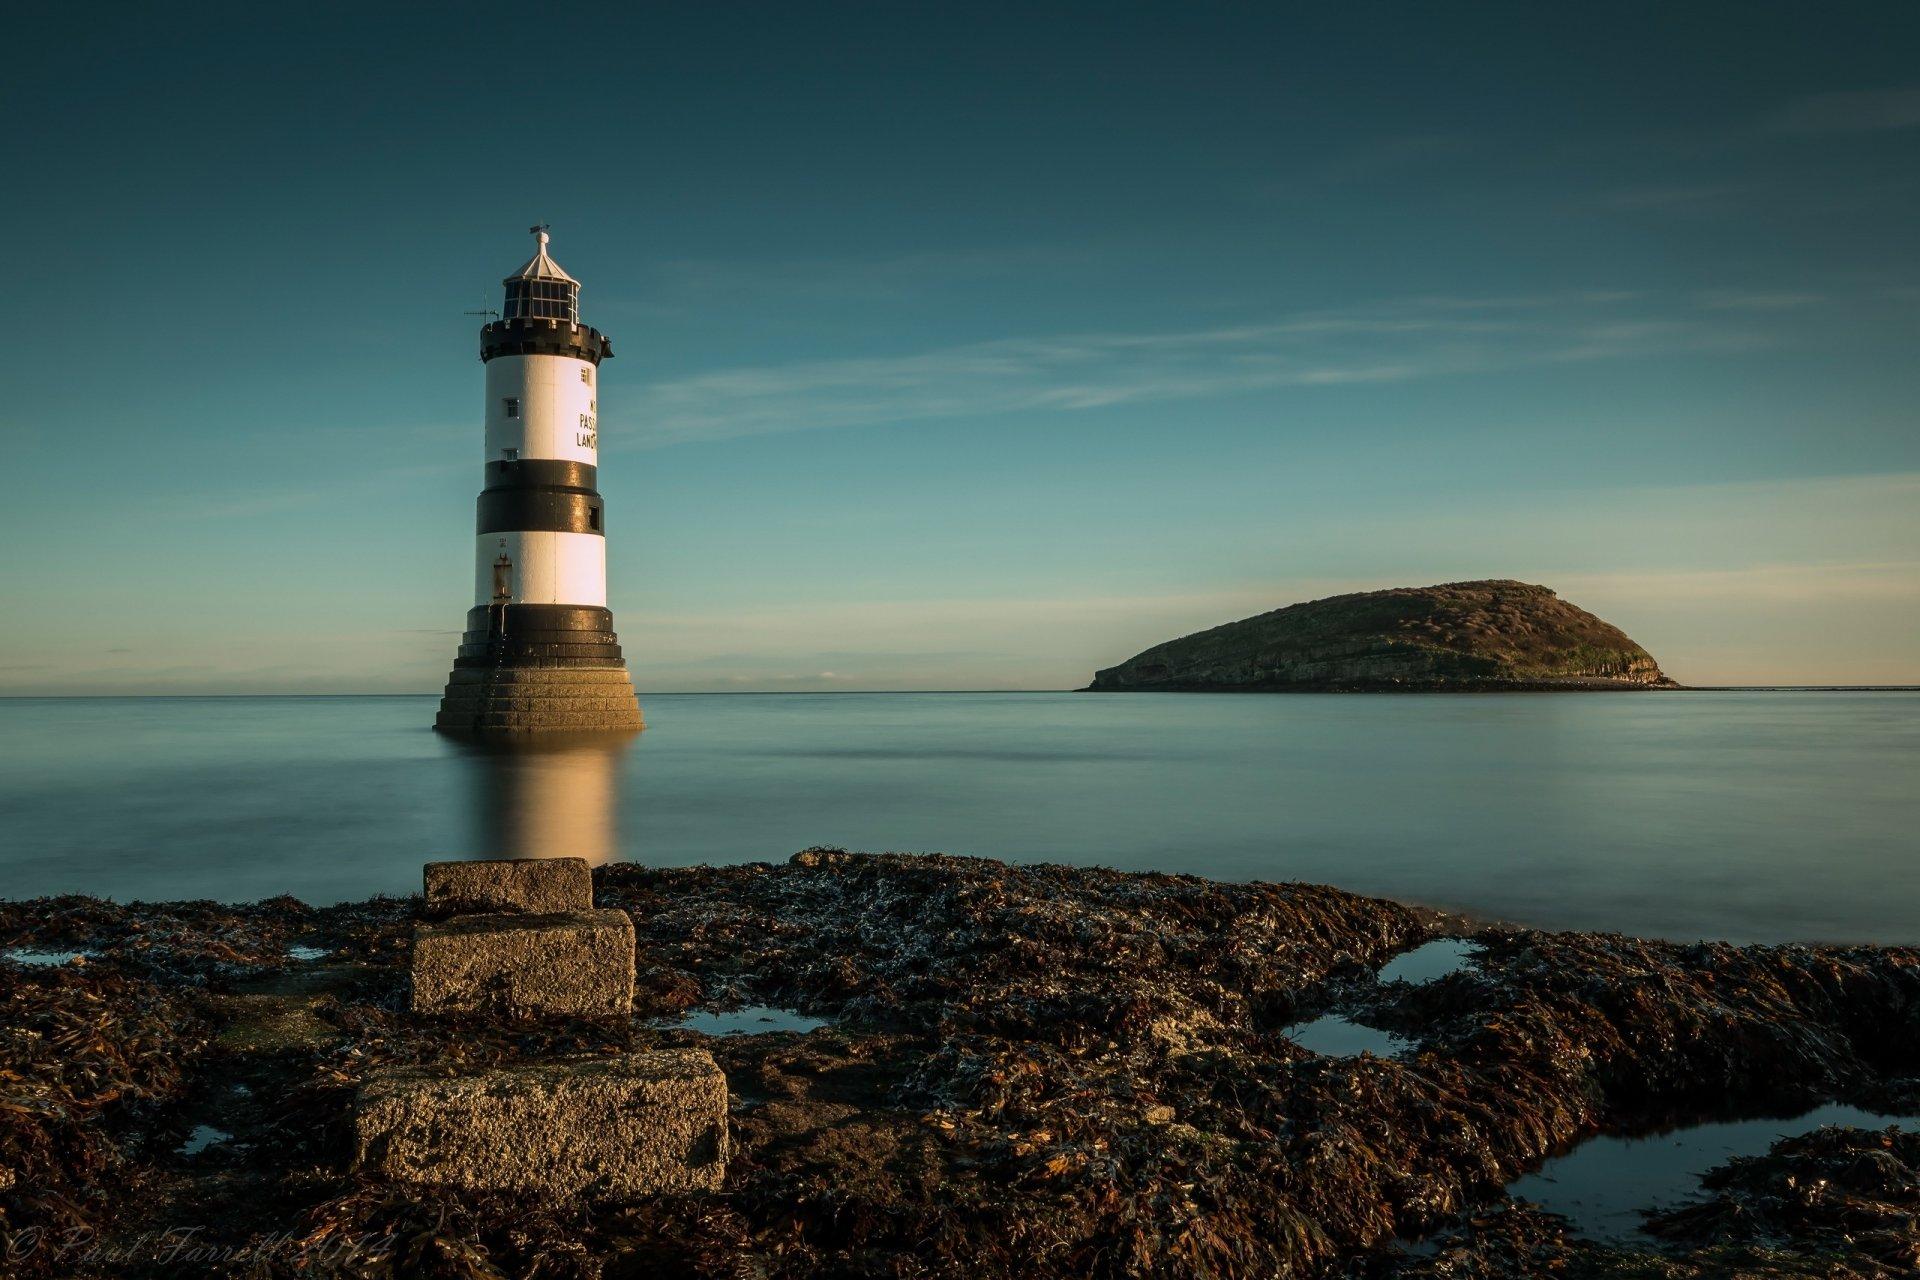 картинки маяк на острове как обыкновенный, может